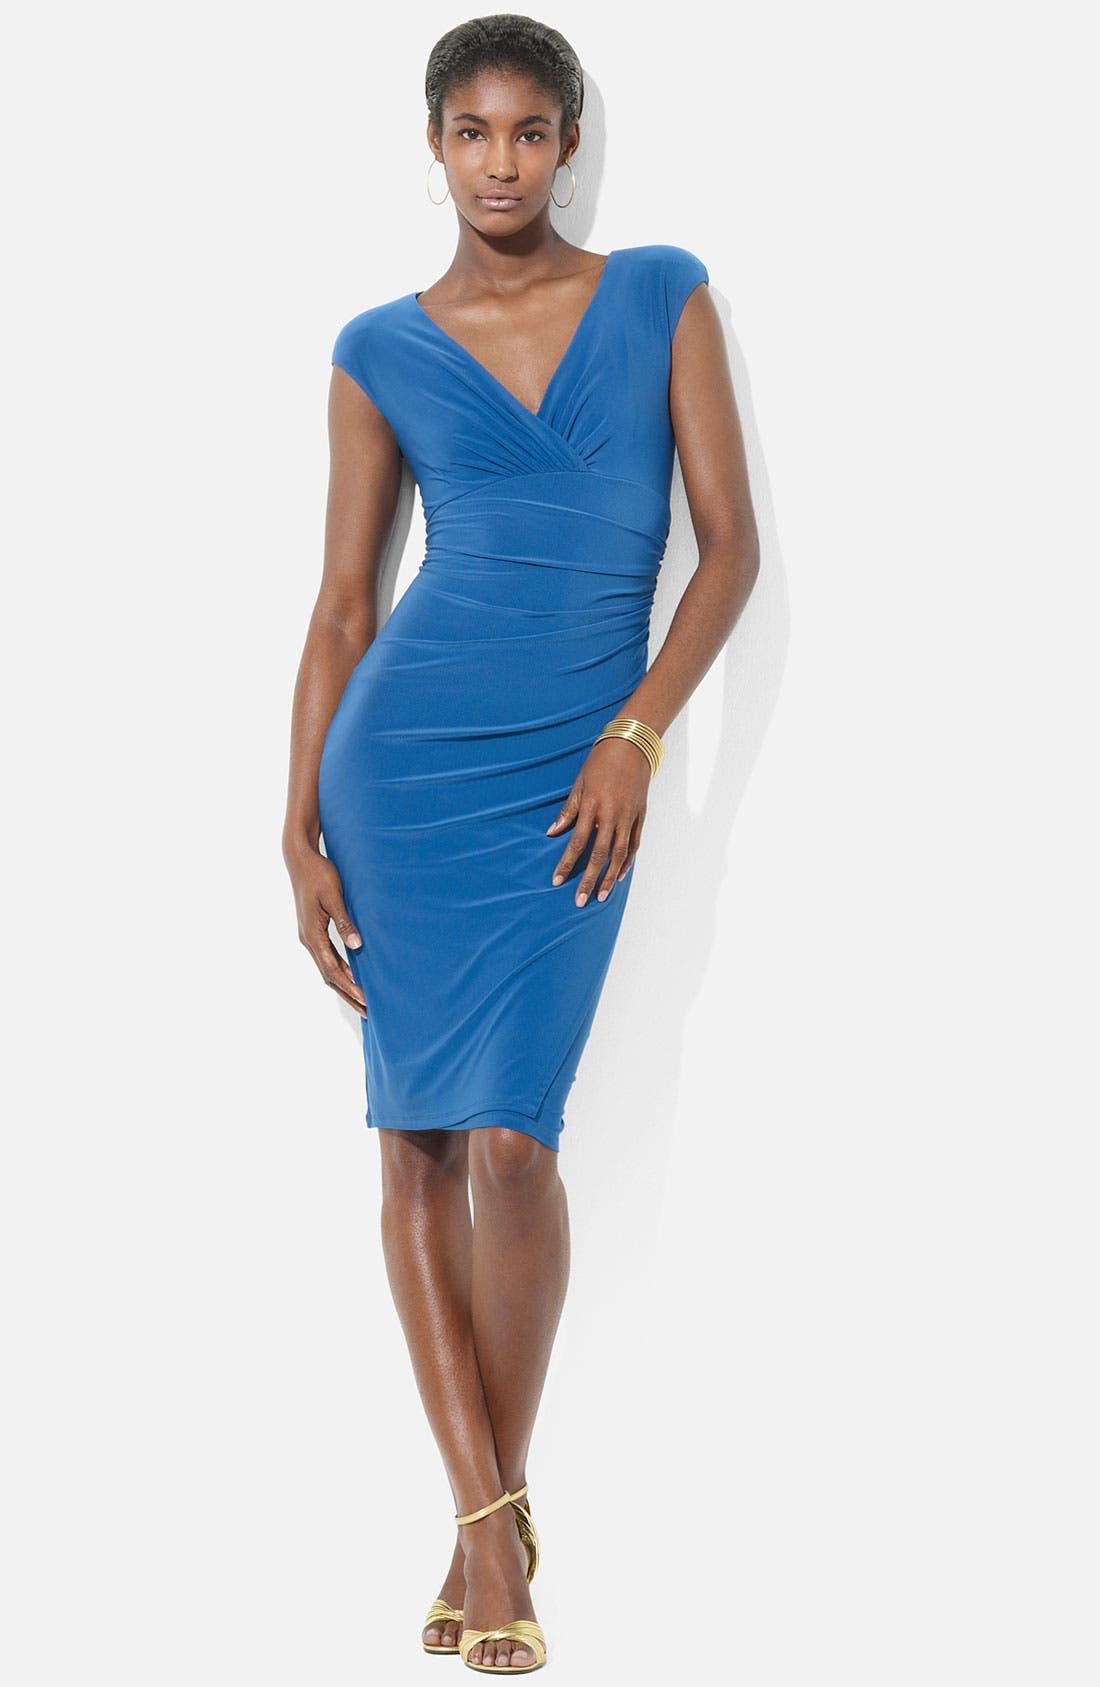 Alternate Image 1 Selected - Lauren Ralph Lauren Cap Sleeve Surplice Jersey Dress (Petite)